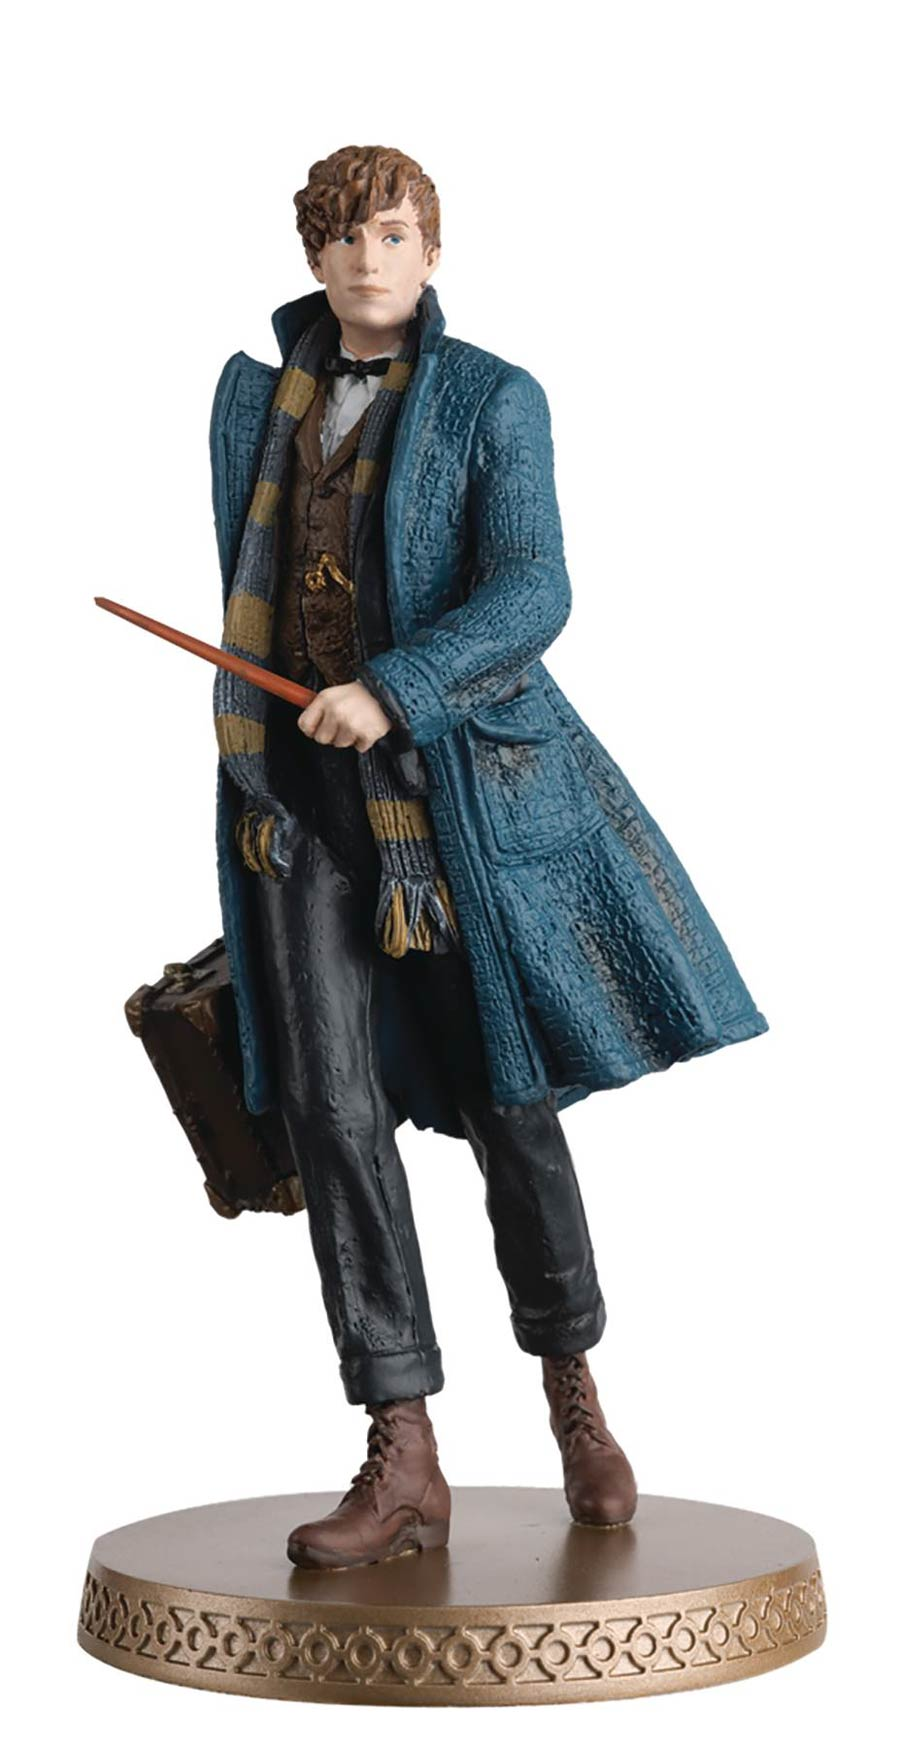 Wizarding World Figurine Collection #4 Newt Scamander